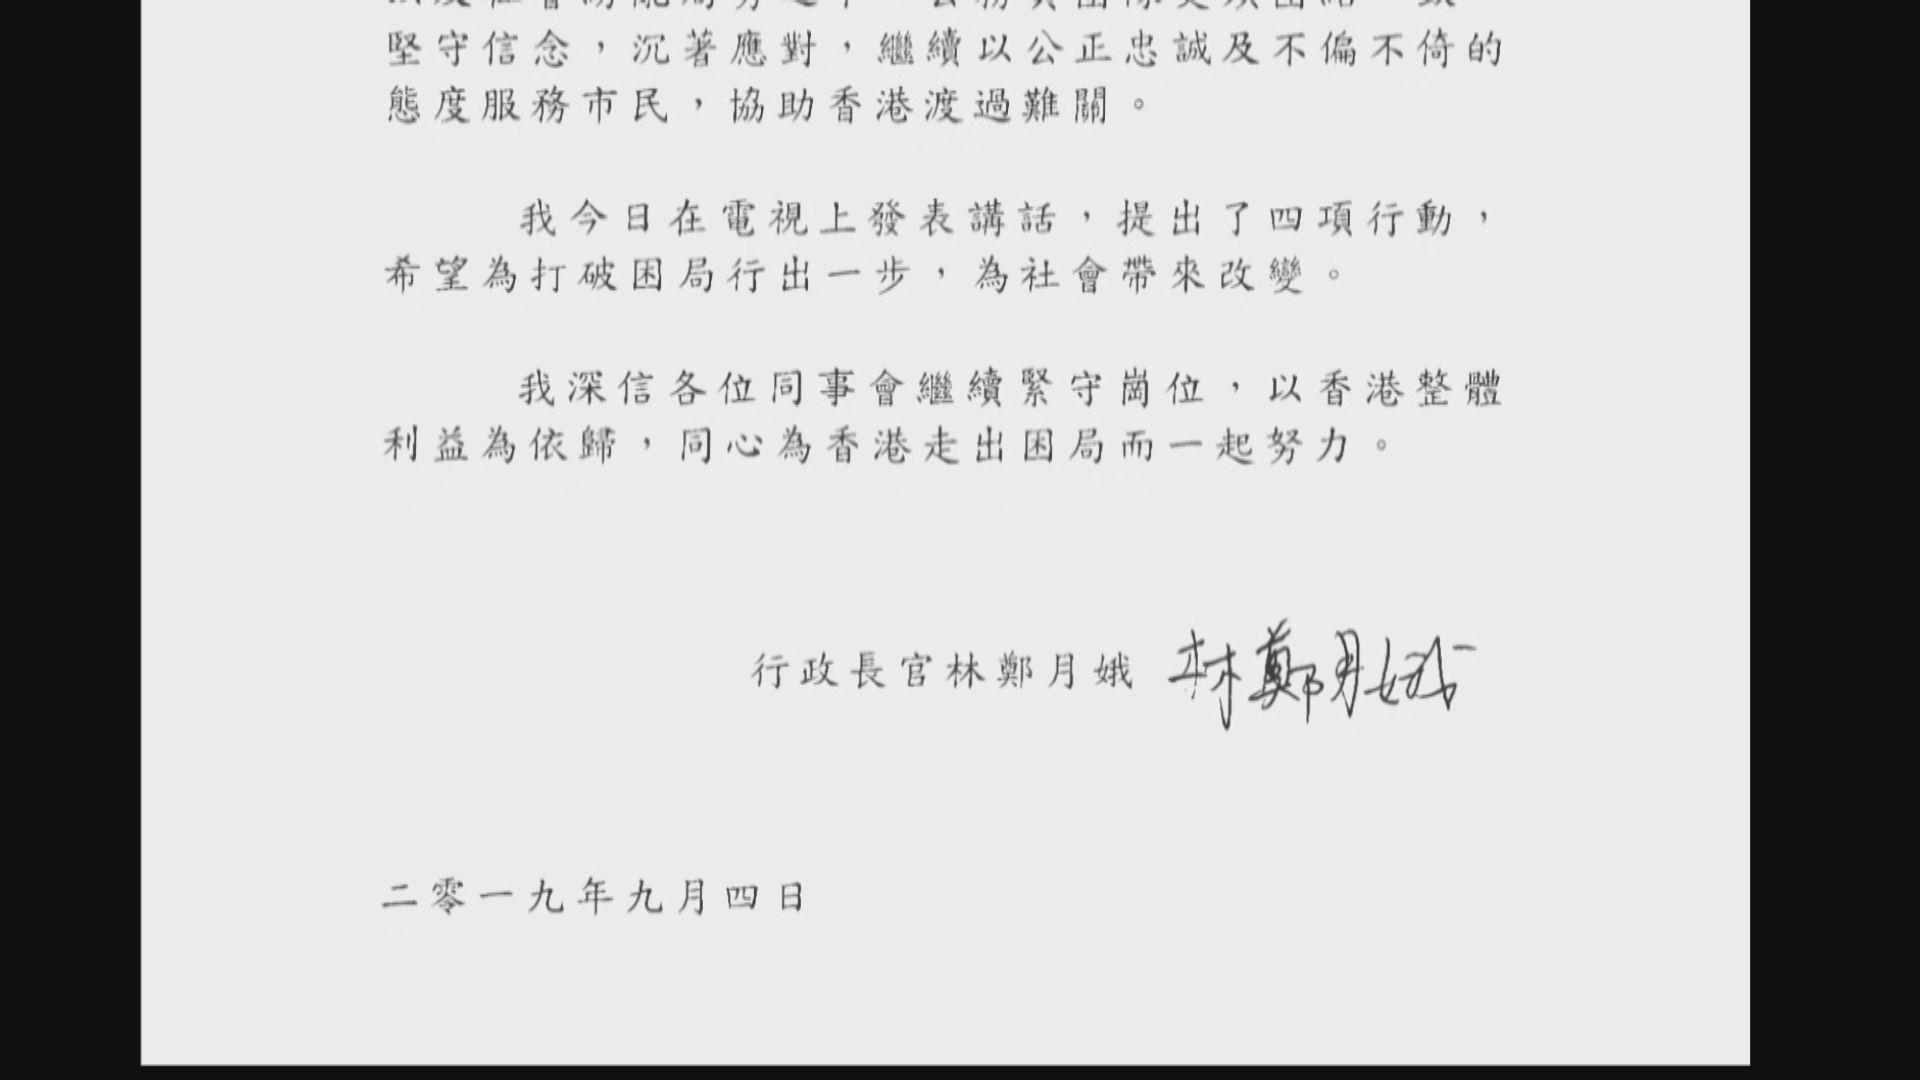 林鄭月娥向公務員發信冀繼續緊守崗位